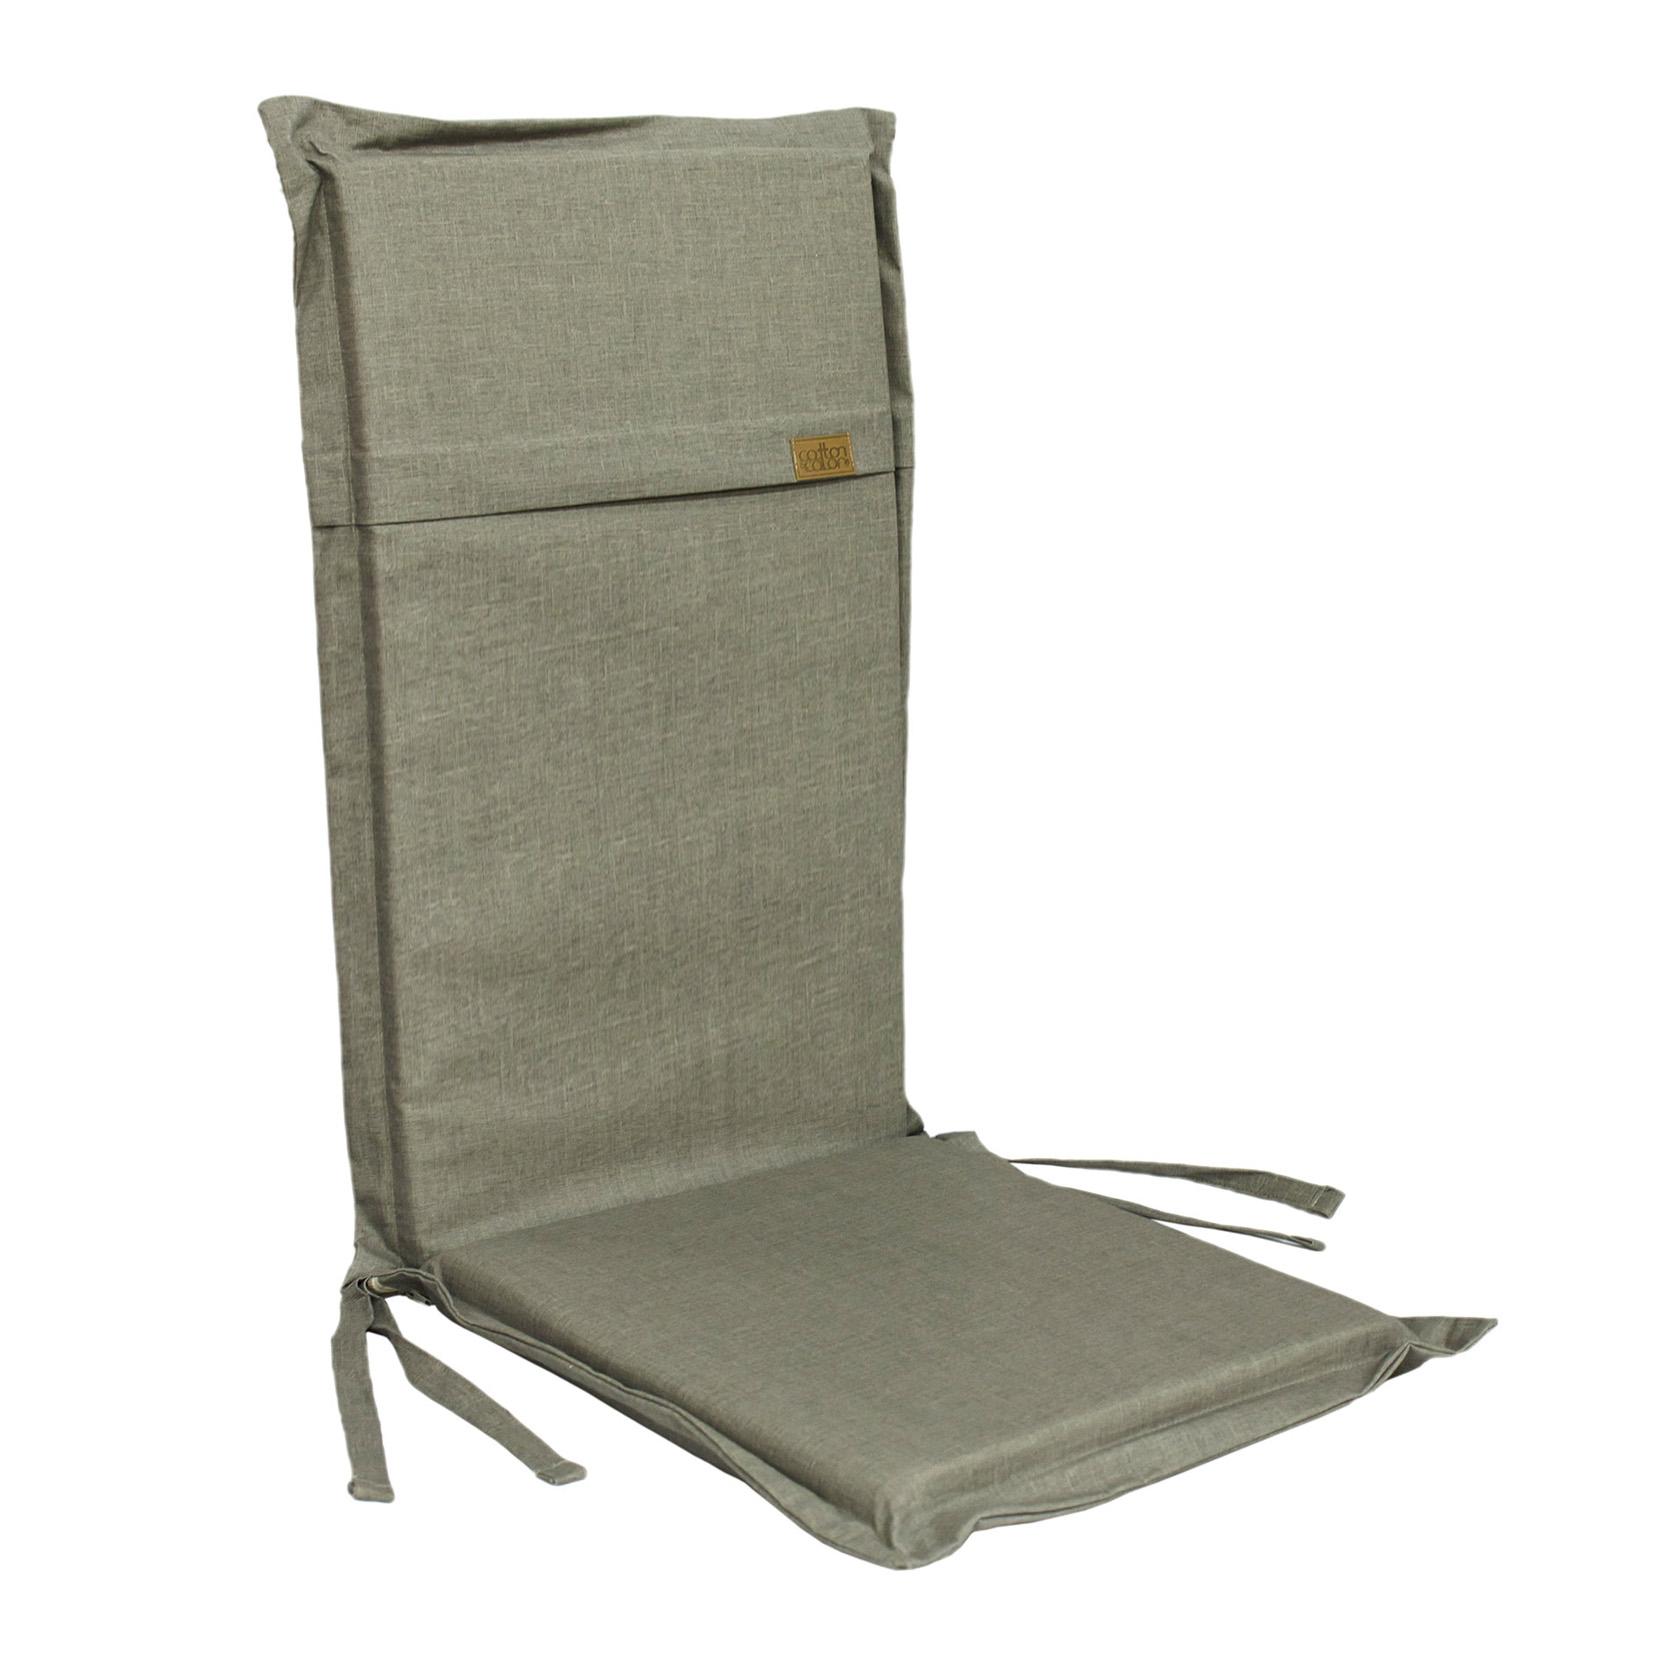 Подушка для кресла Morbiflex высокая спинка 125x52 (CSAR-R317-25)